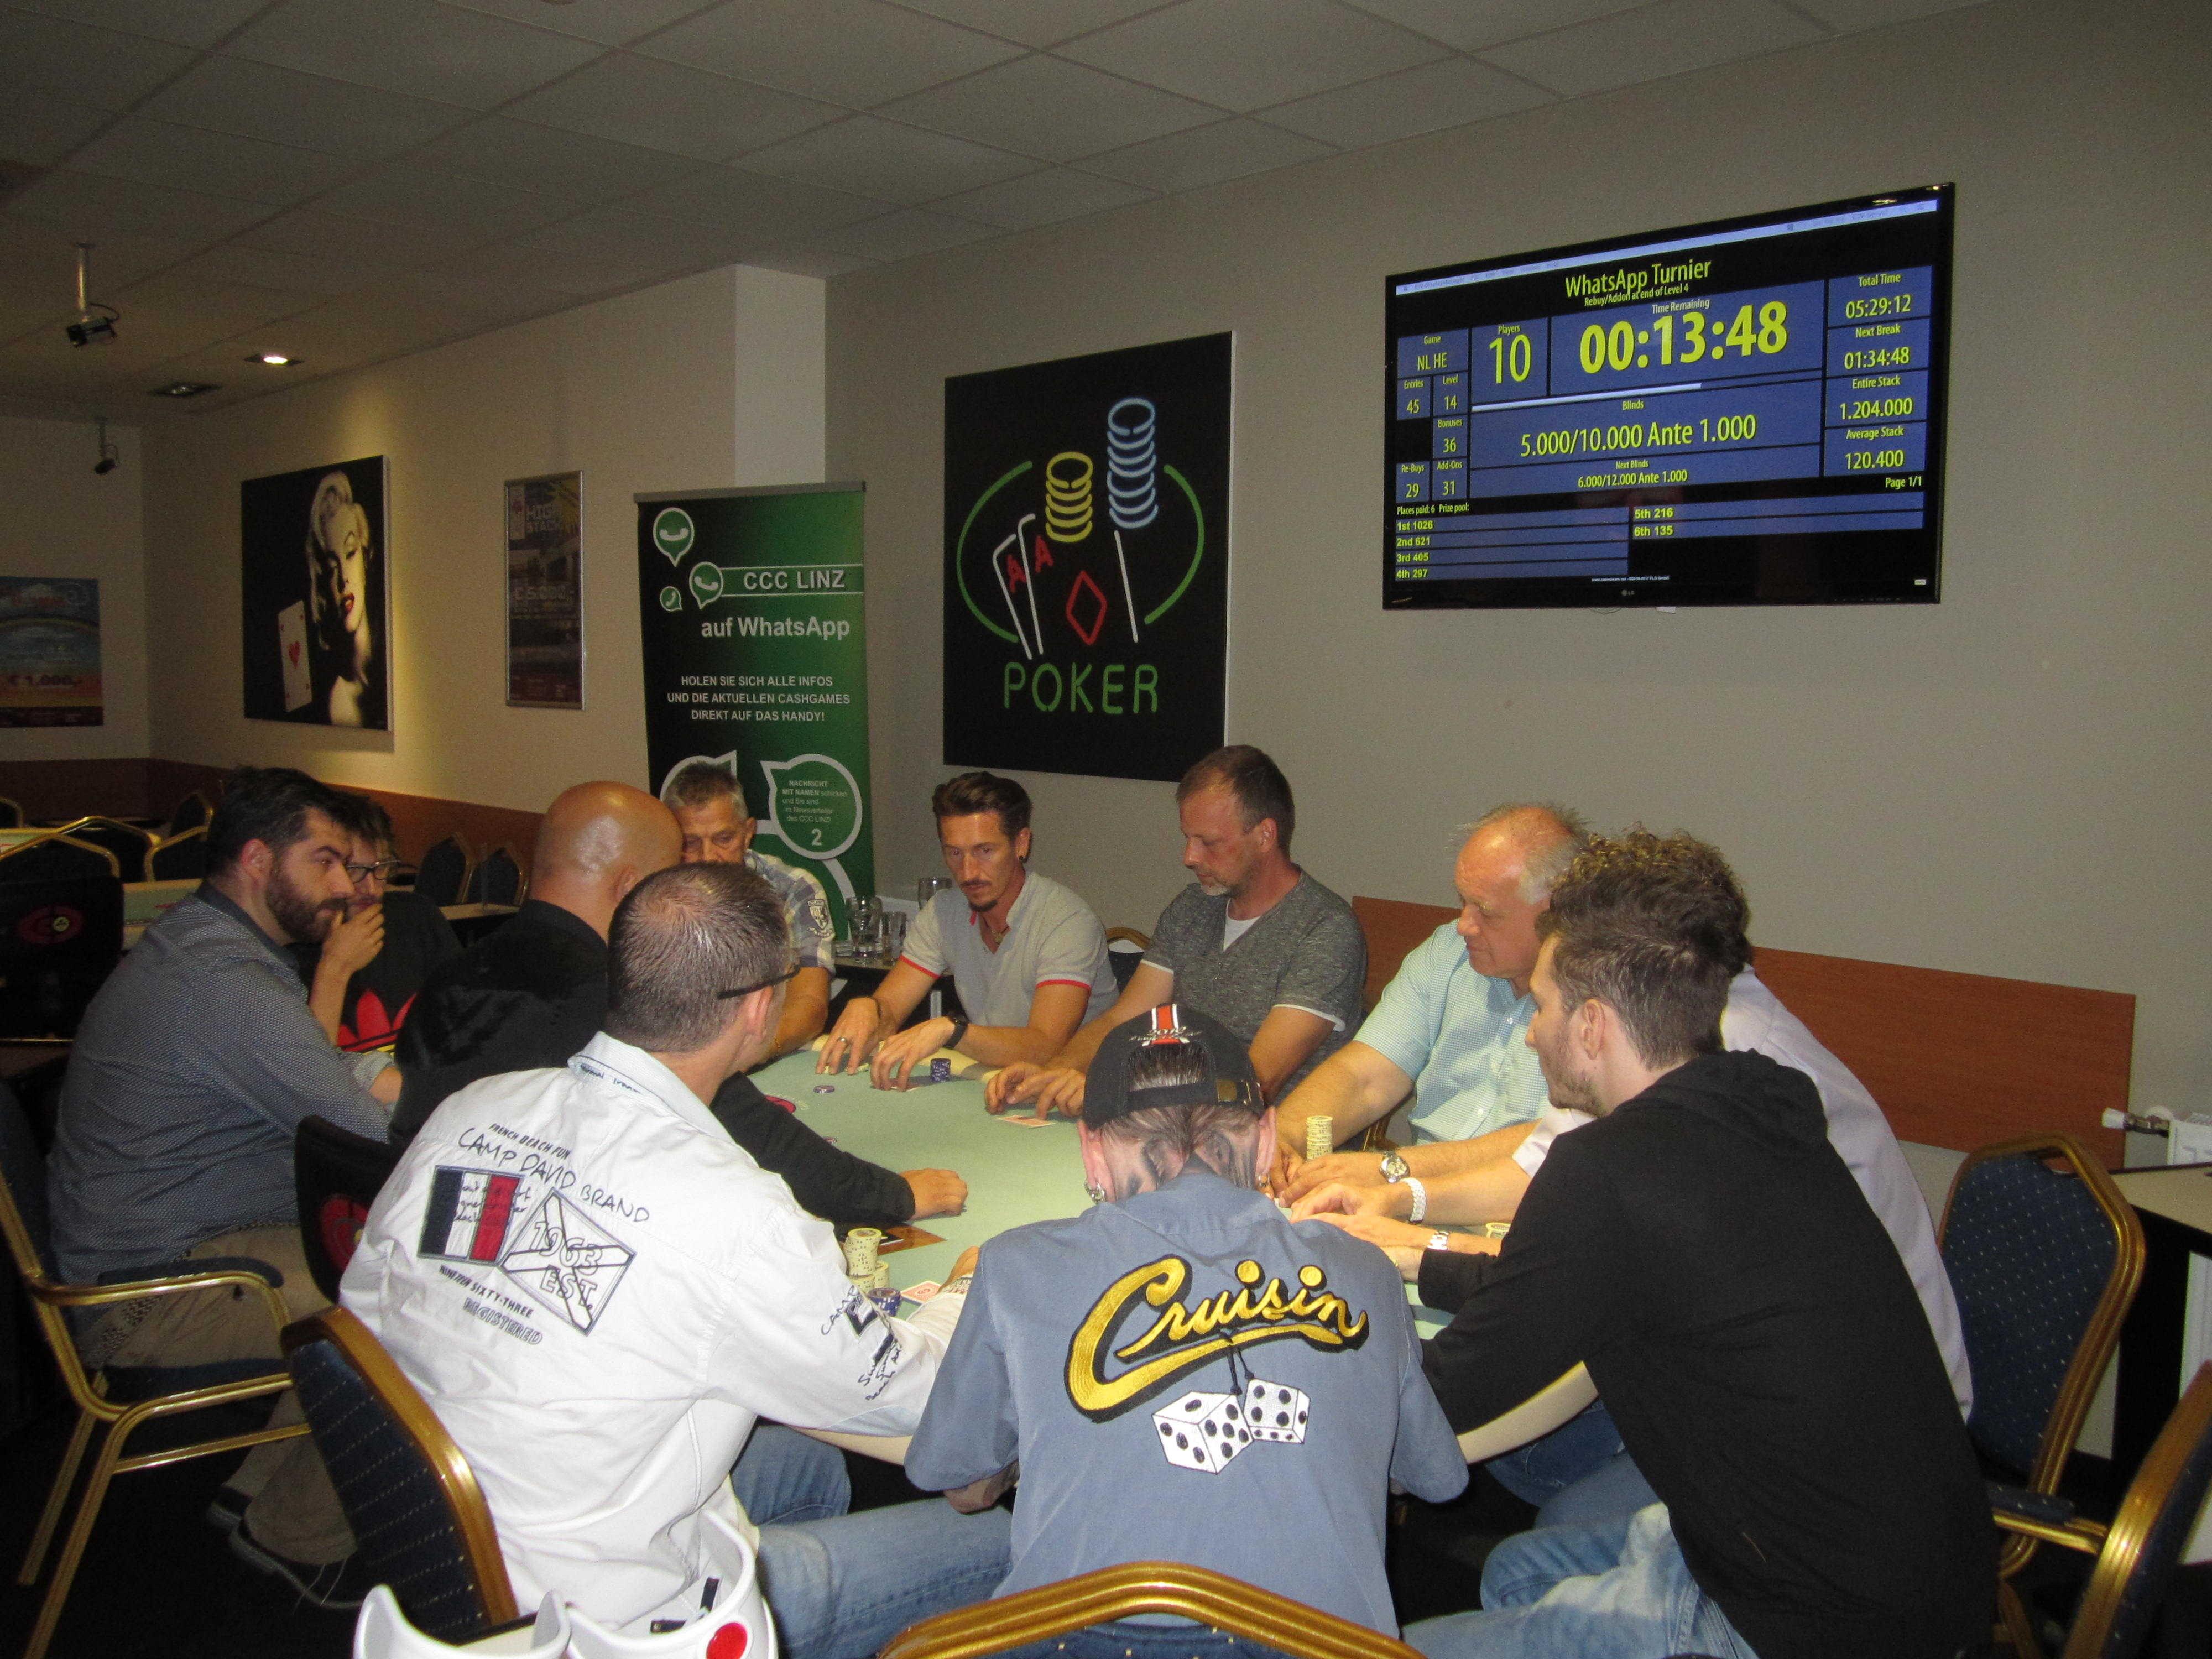 Poker line